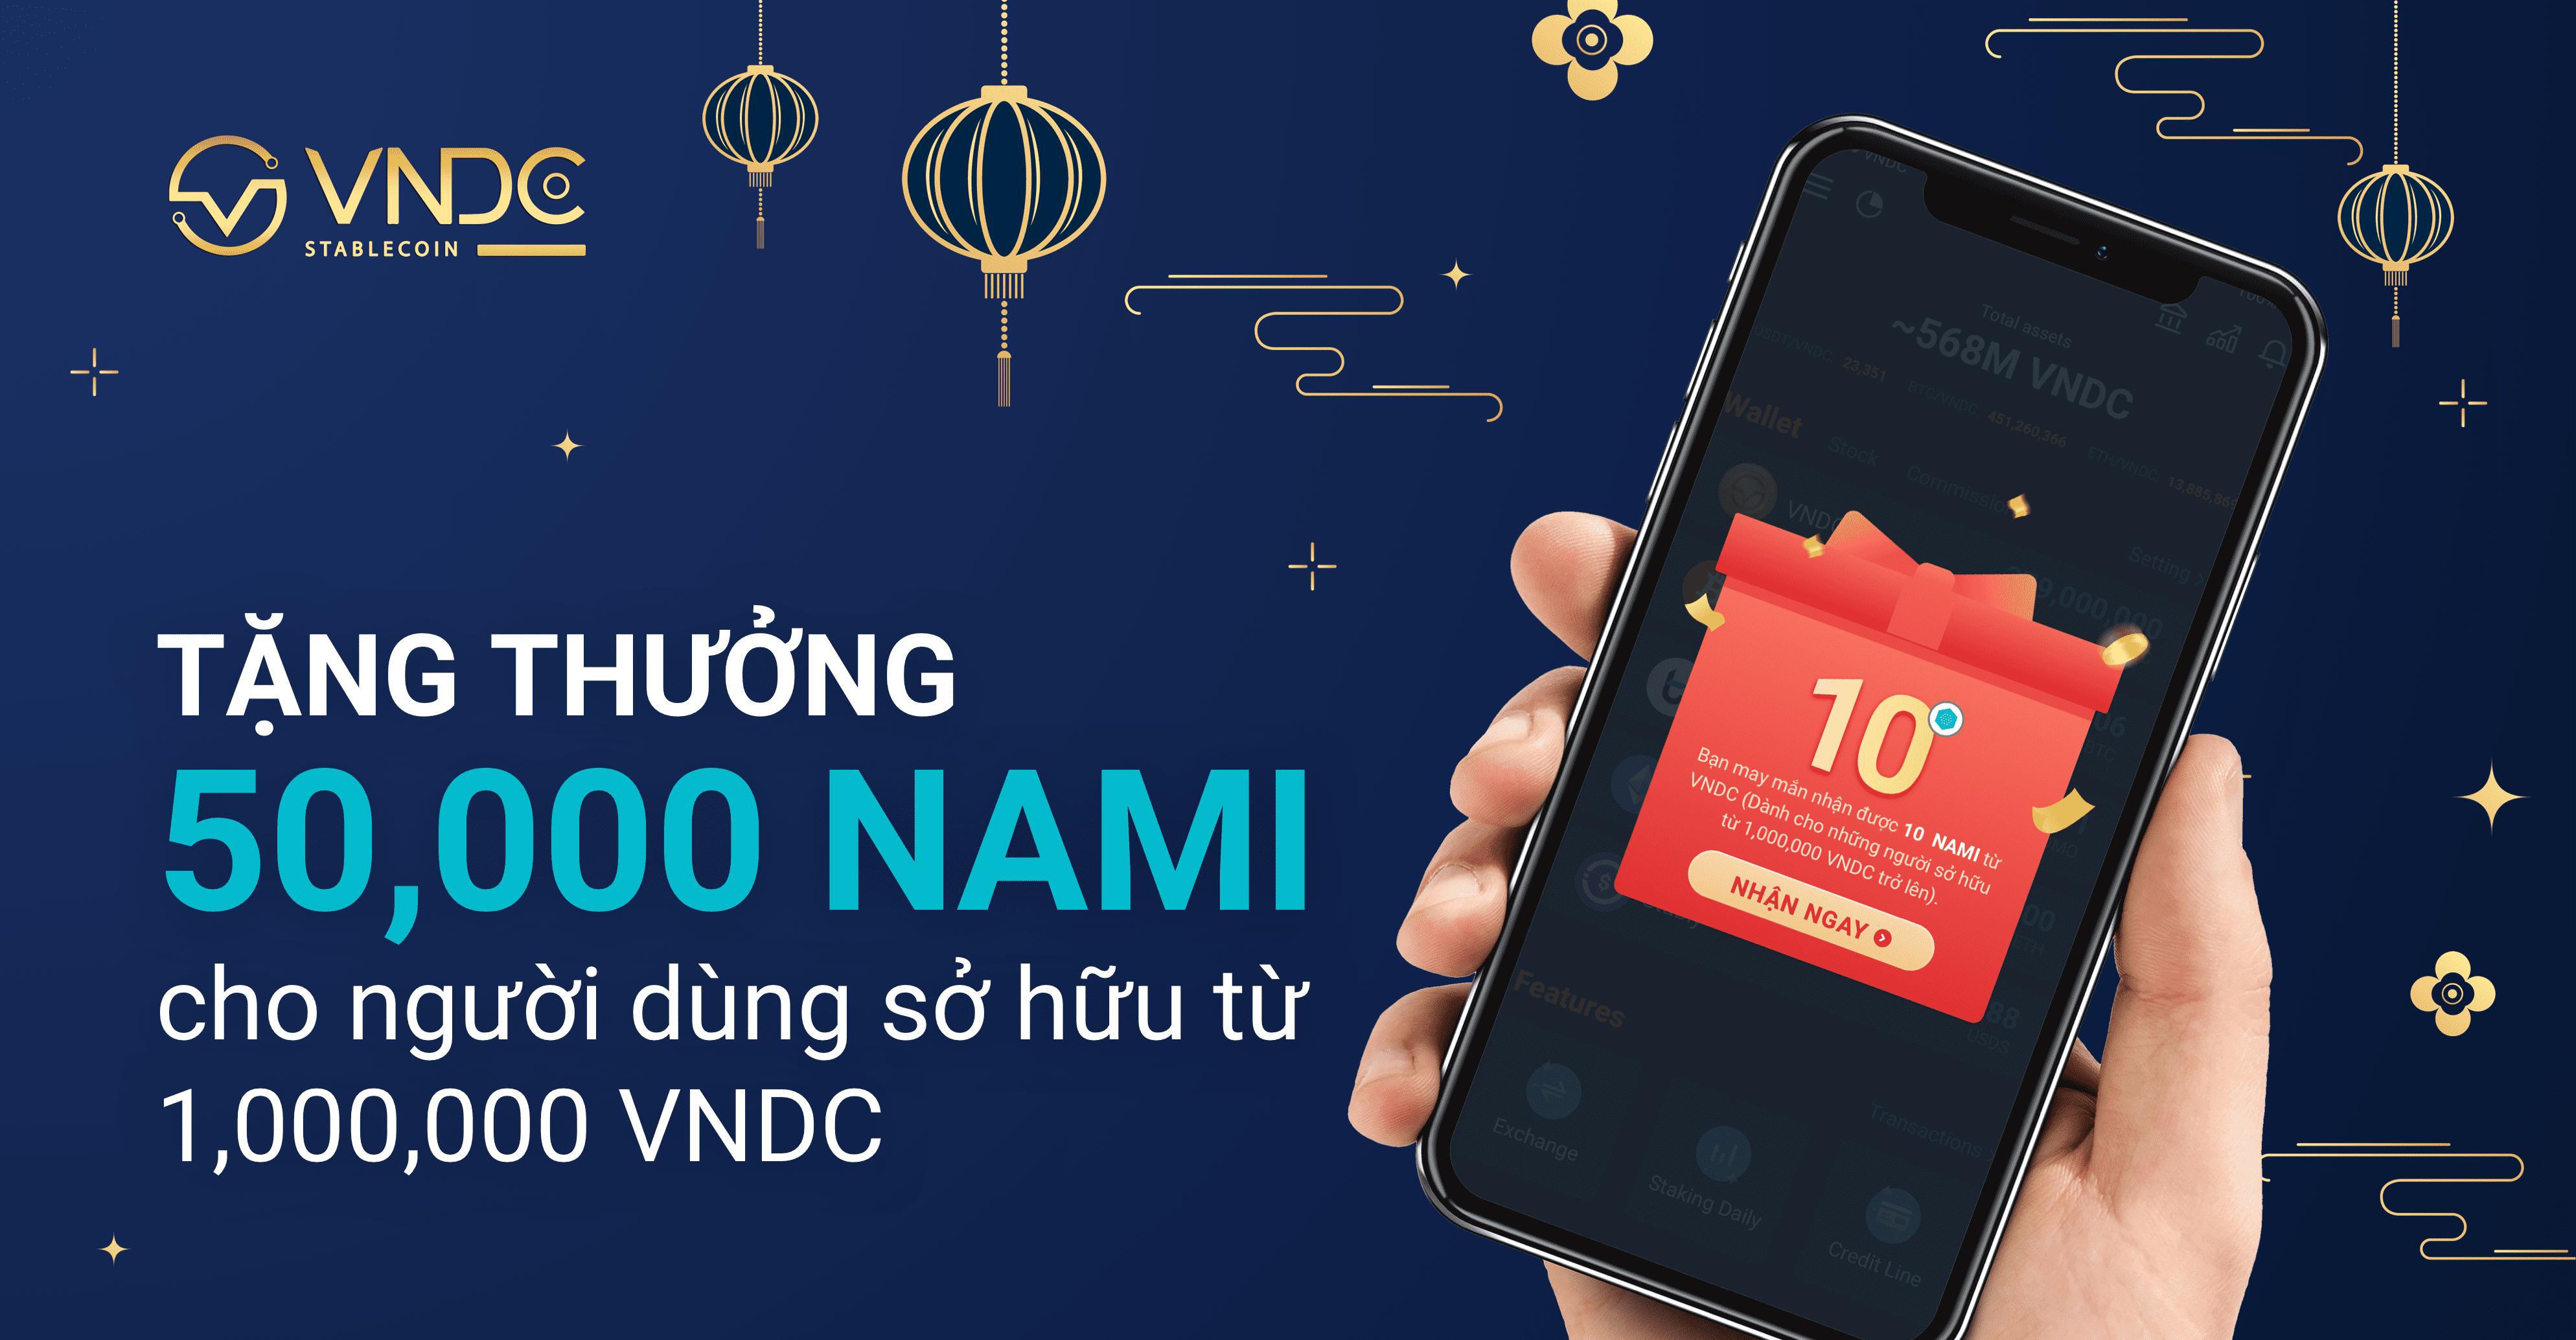 Tặng thưởng 50,000 NAMI cho người dùng sở hữu từ 1,000,000 VNDC